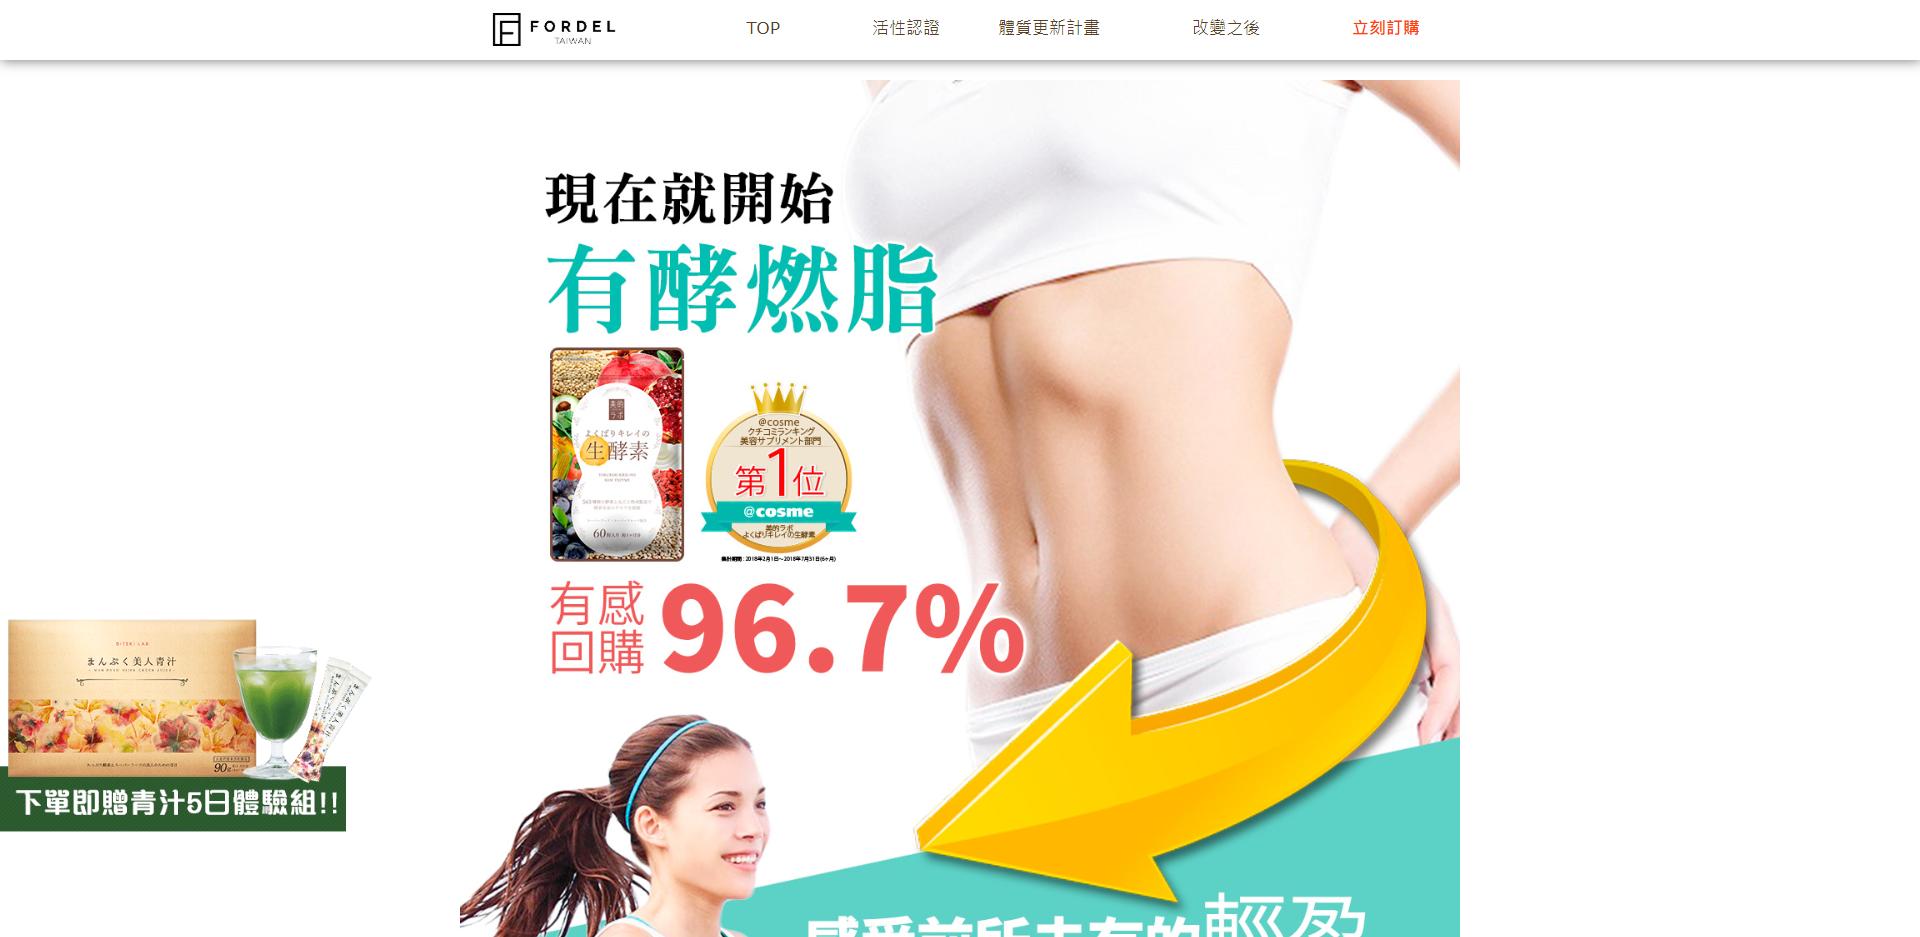 563美體生酵素的台灣官網